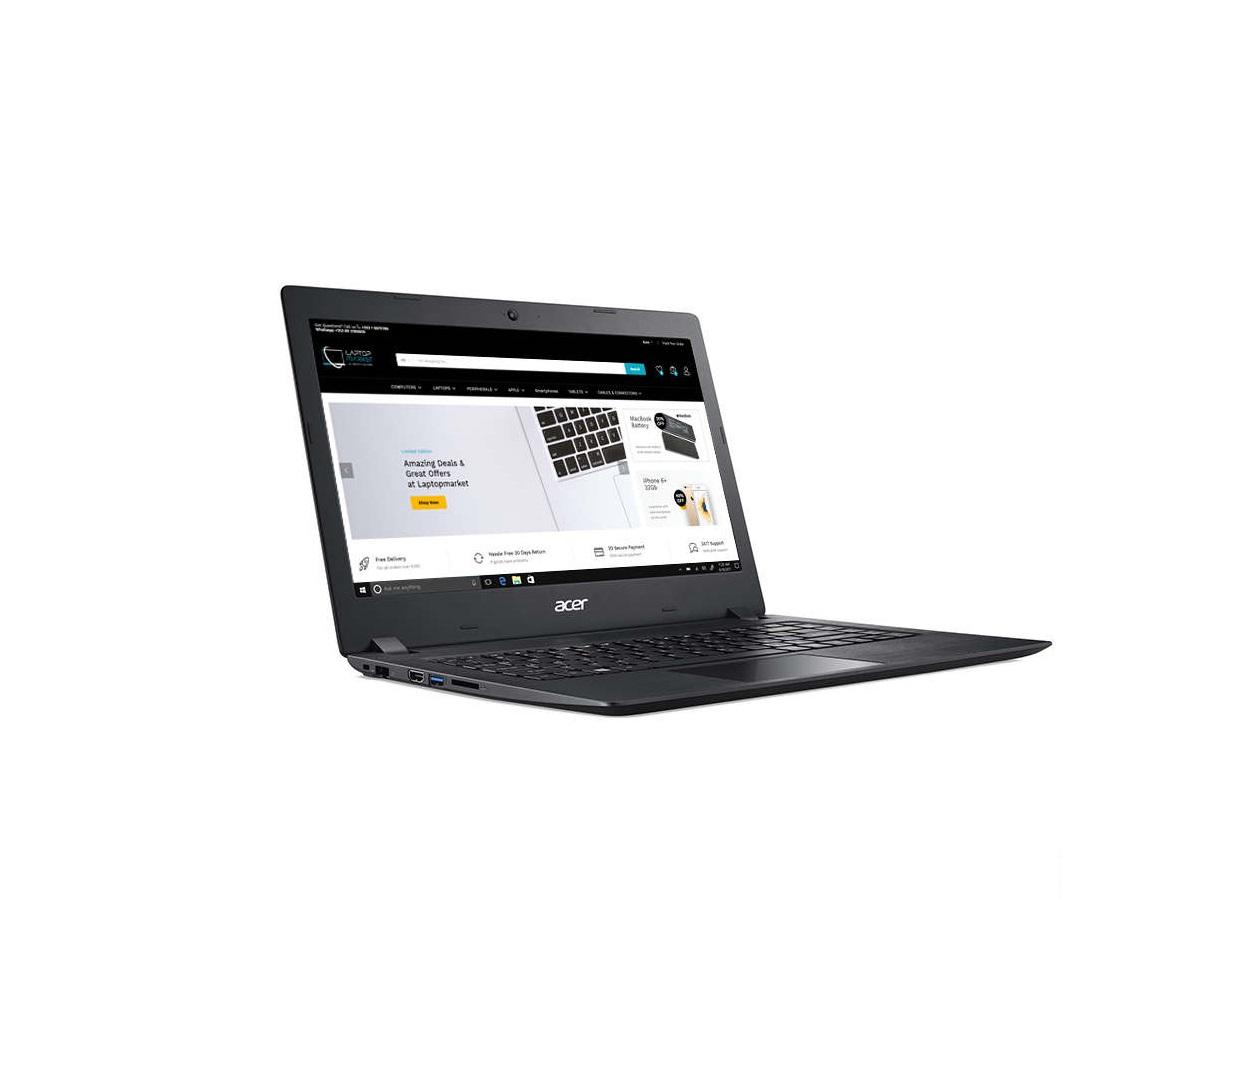 لپ تاپ استوک Acer مدل A114